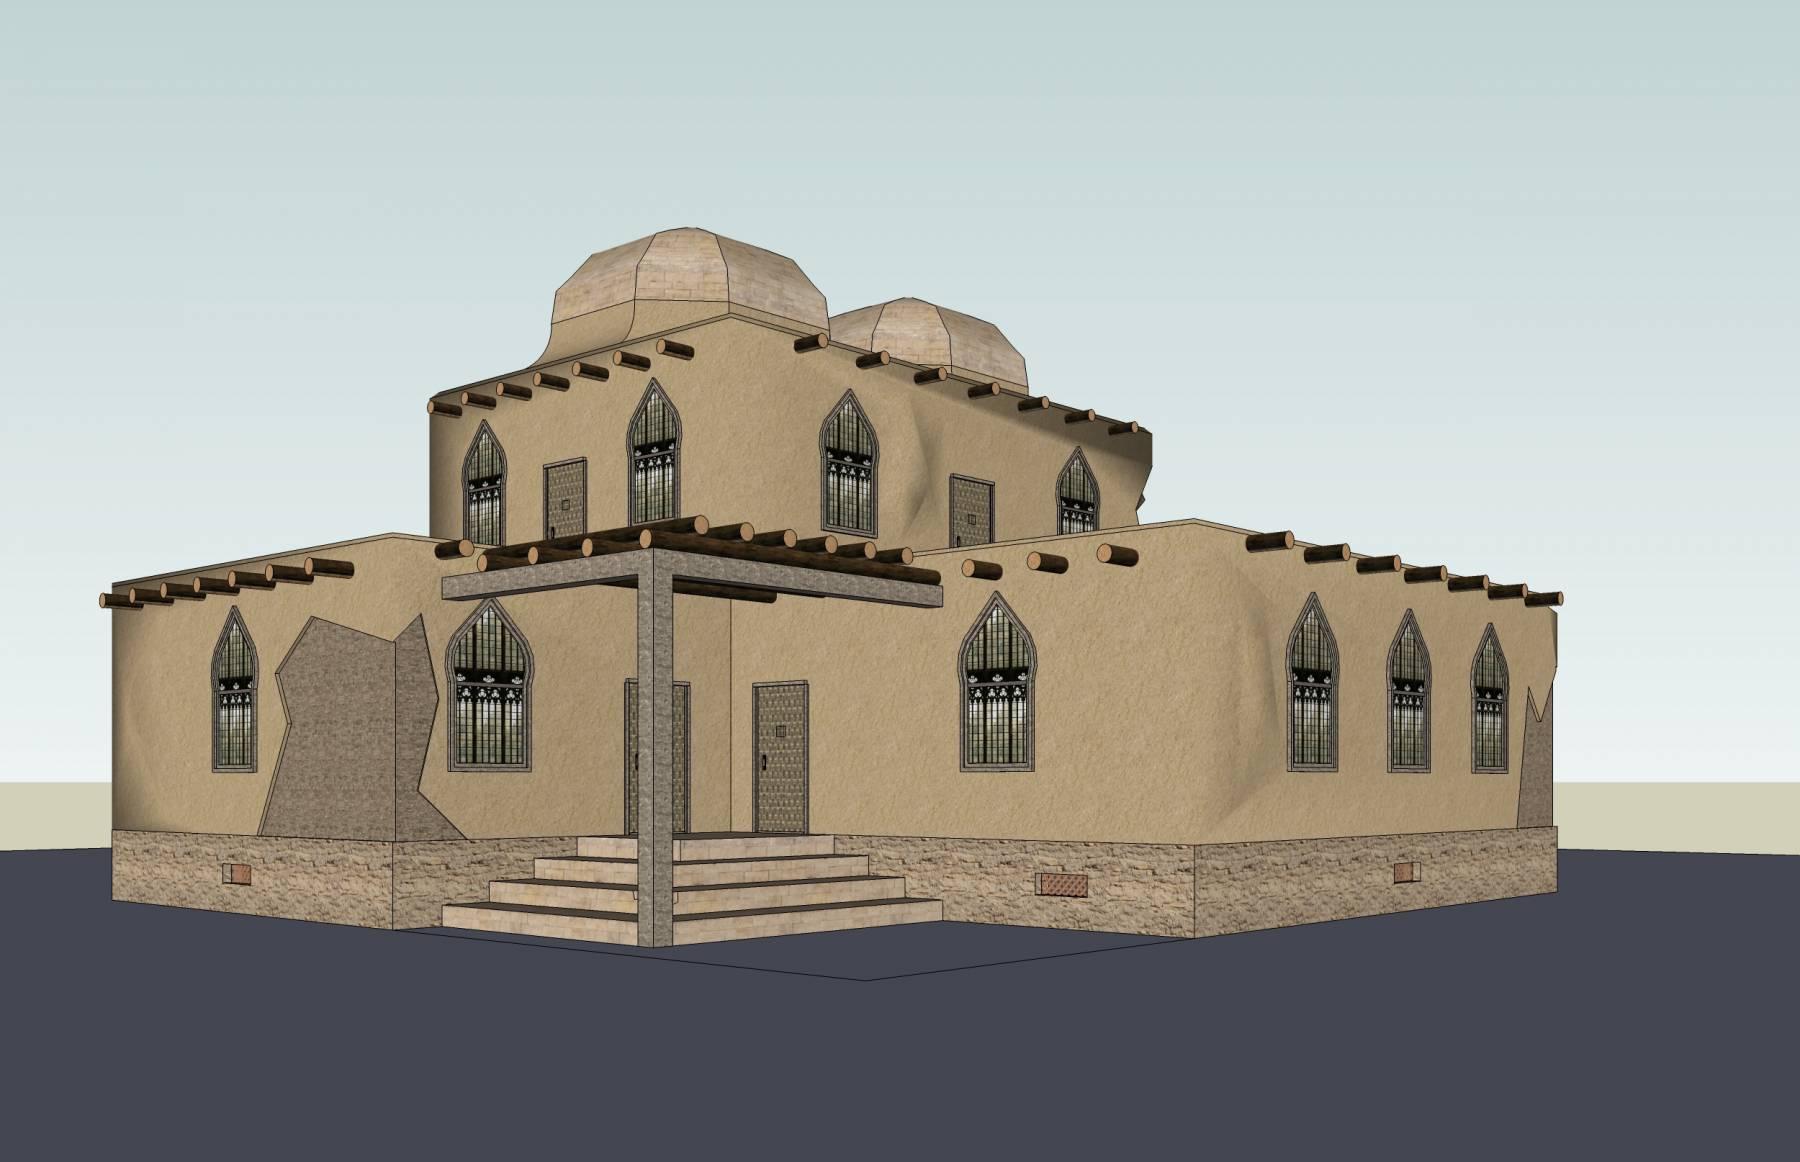 阿拉伯式独栋别墅